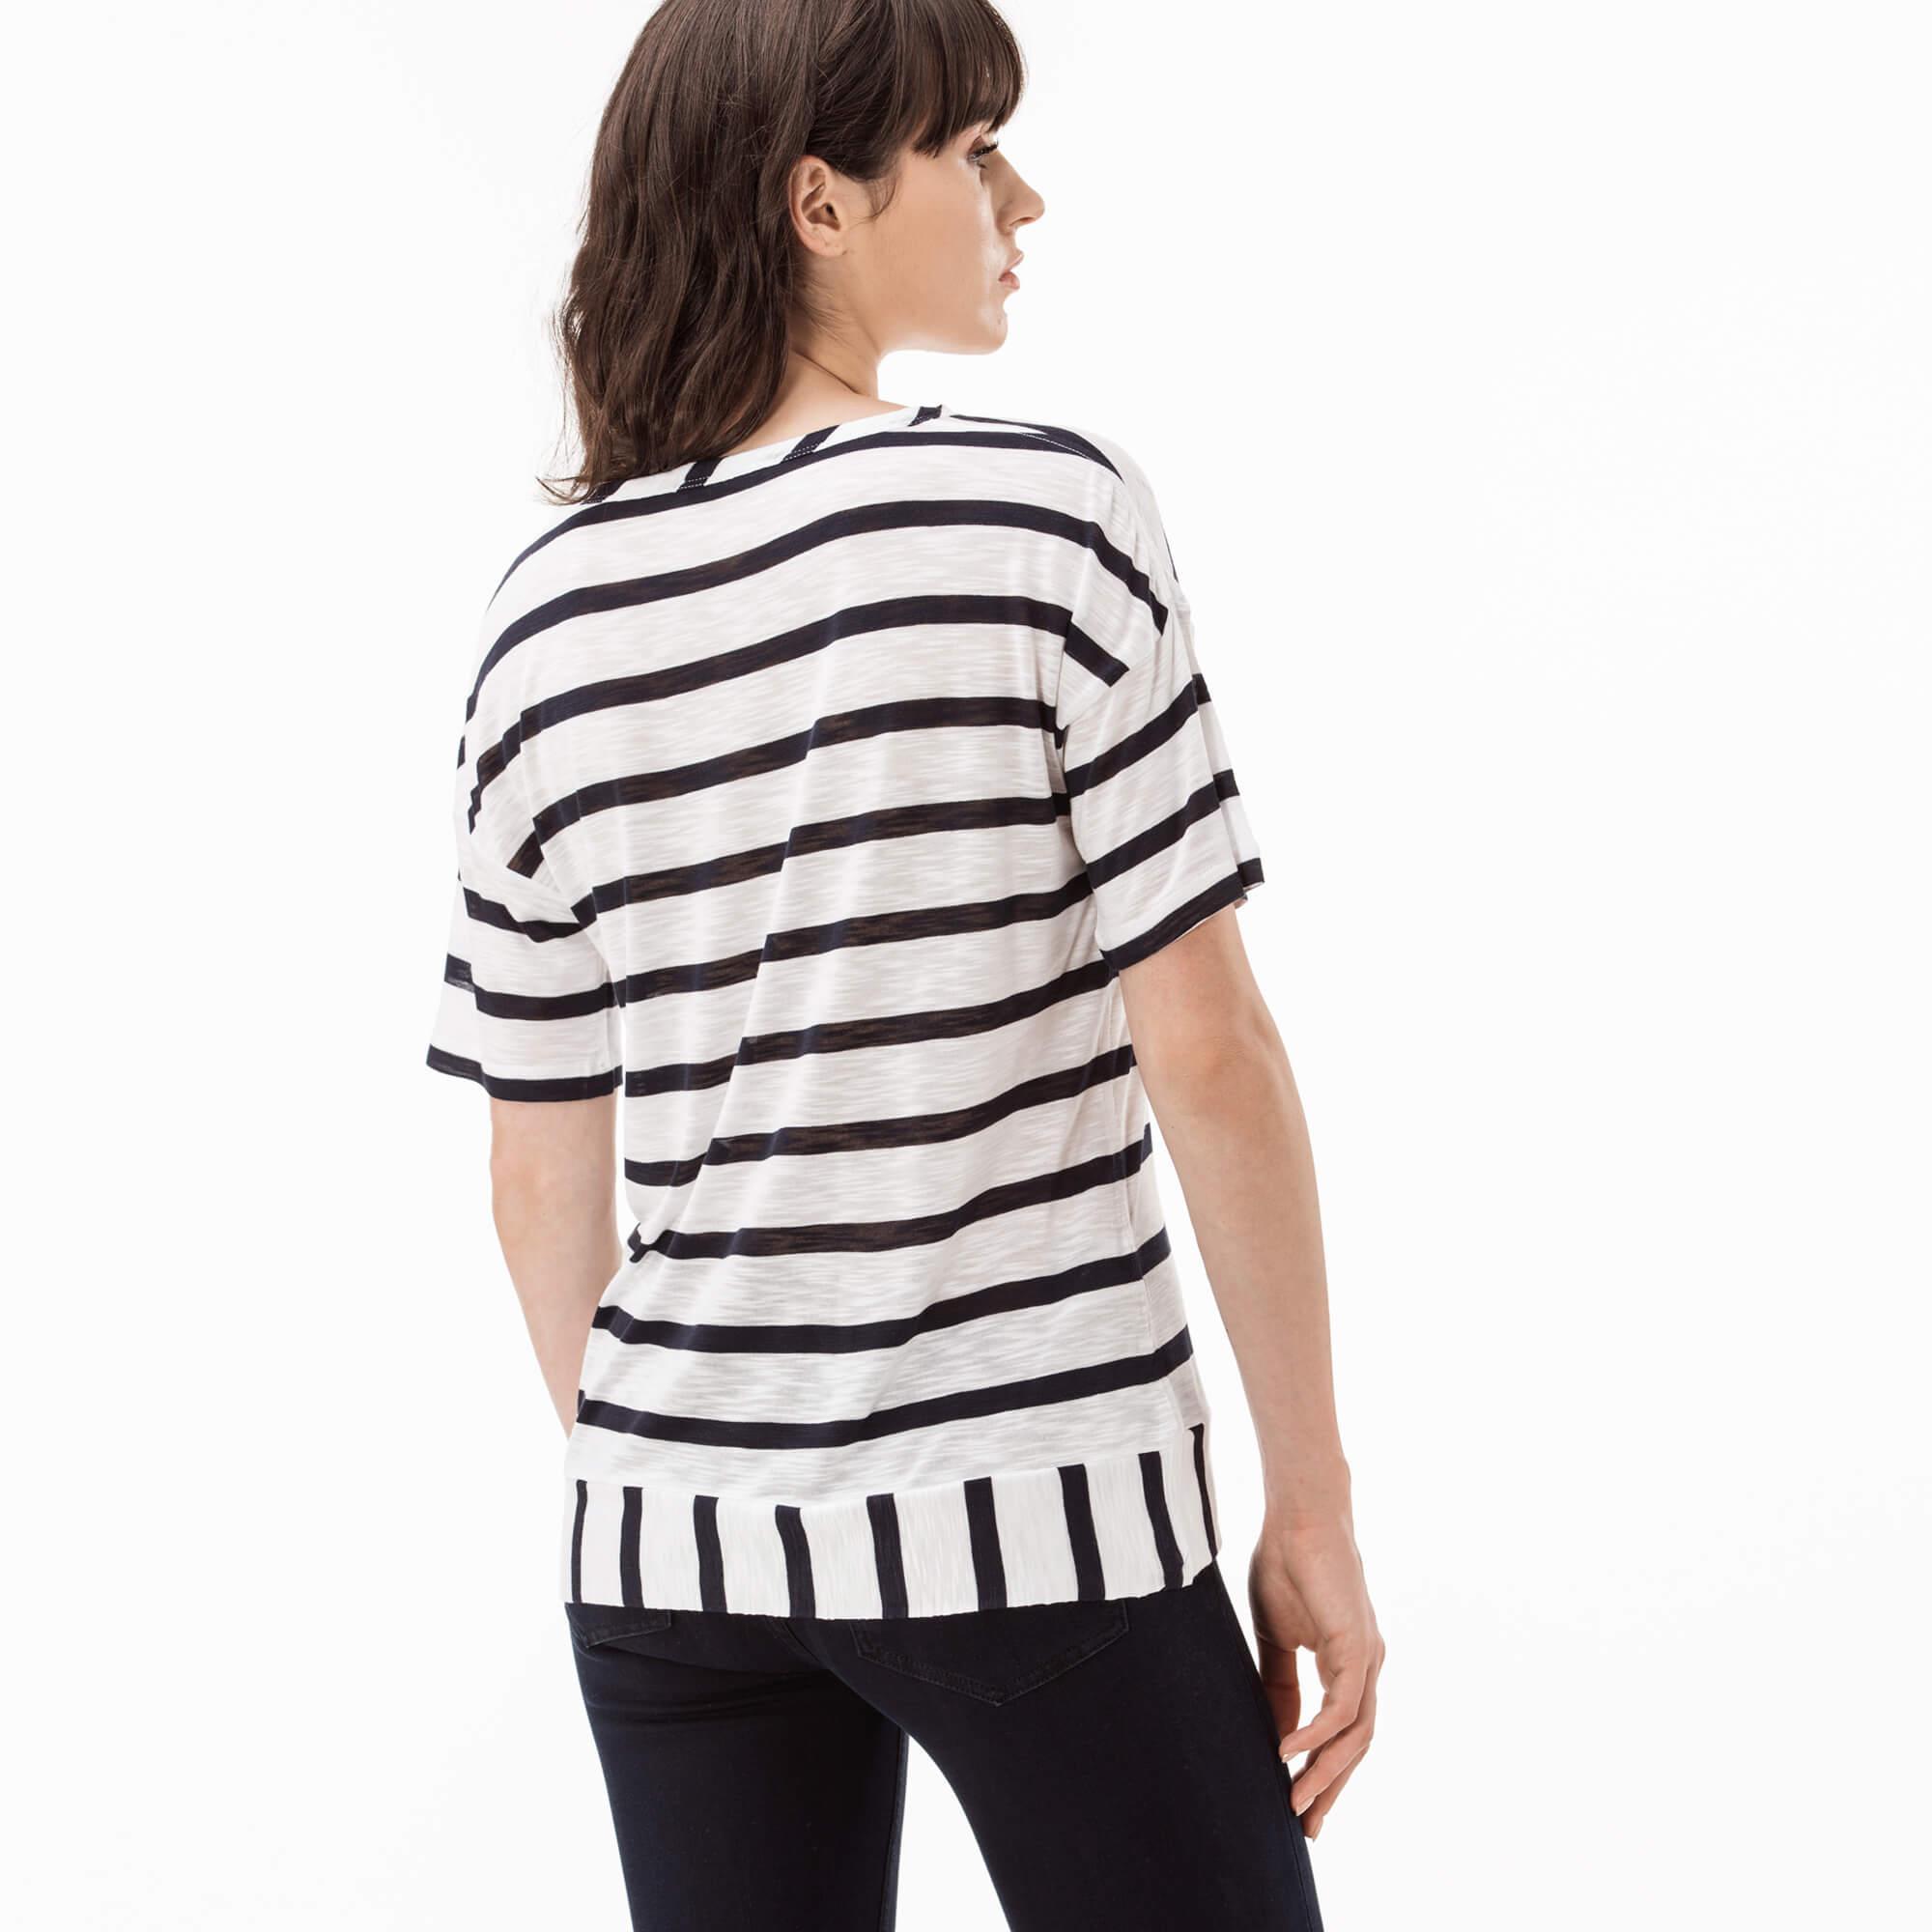 Lacoste Kadın Çizgili Beyaz T-Shirt